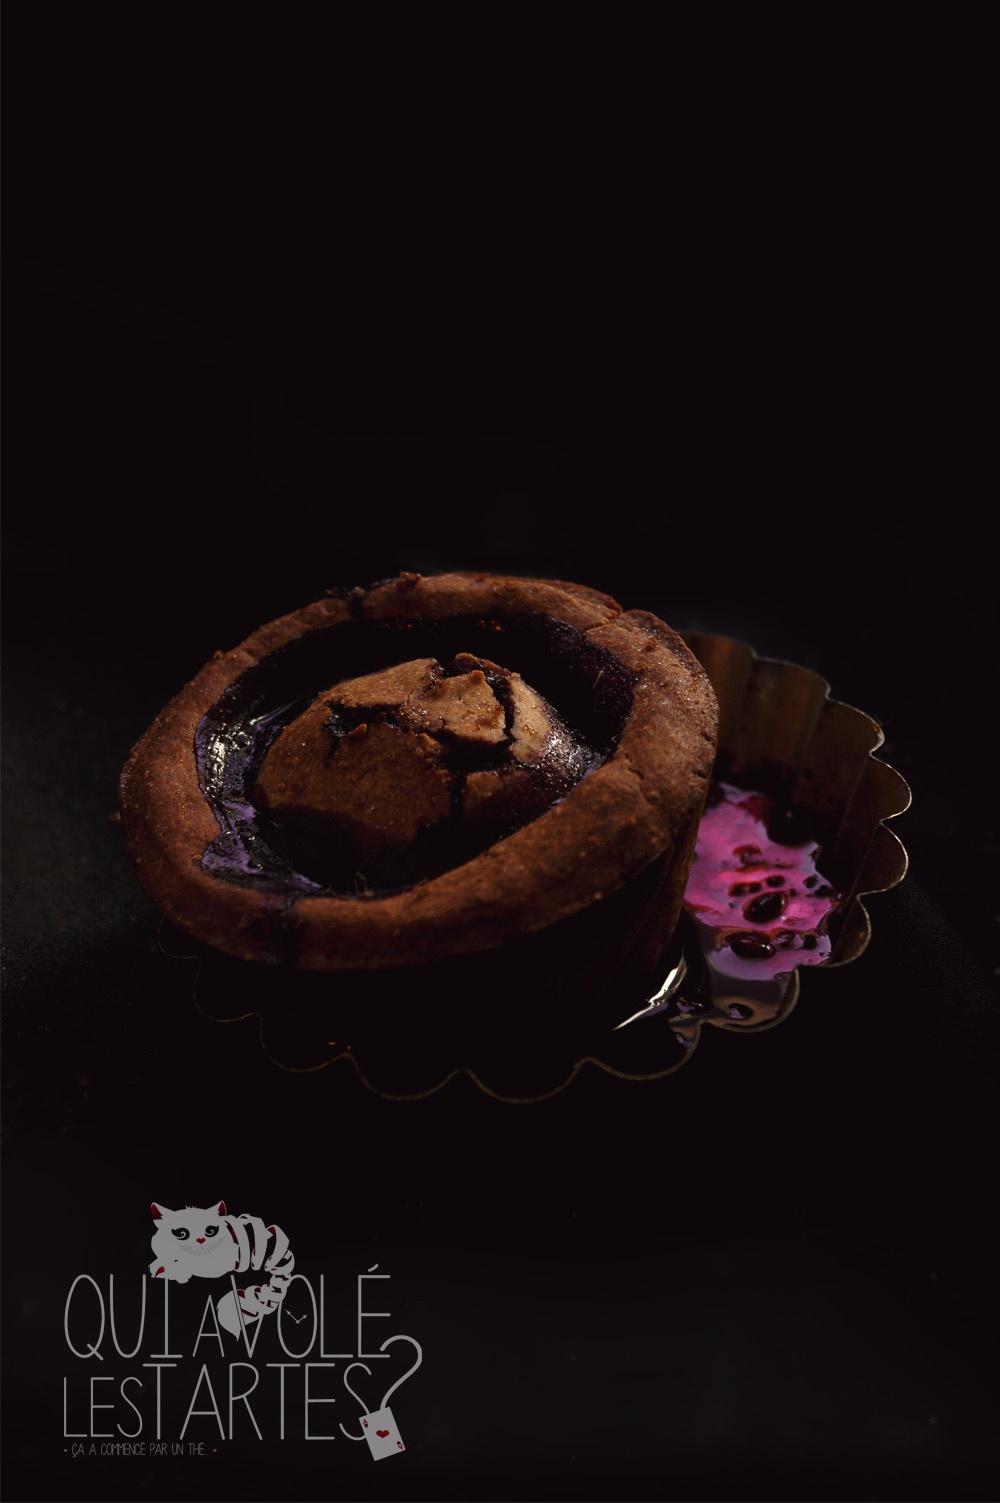 Tourtes à l'ancienne sans gluten 5 - Studio de création - Qui a volé les tartes- Copyright